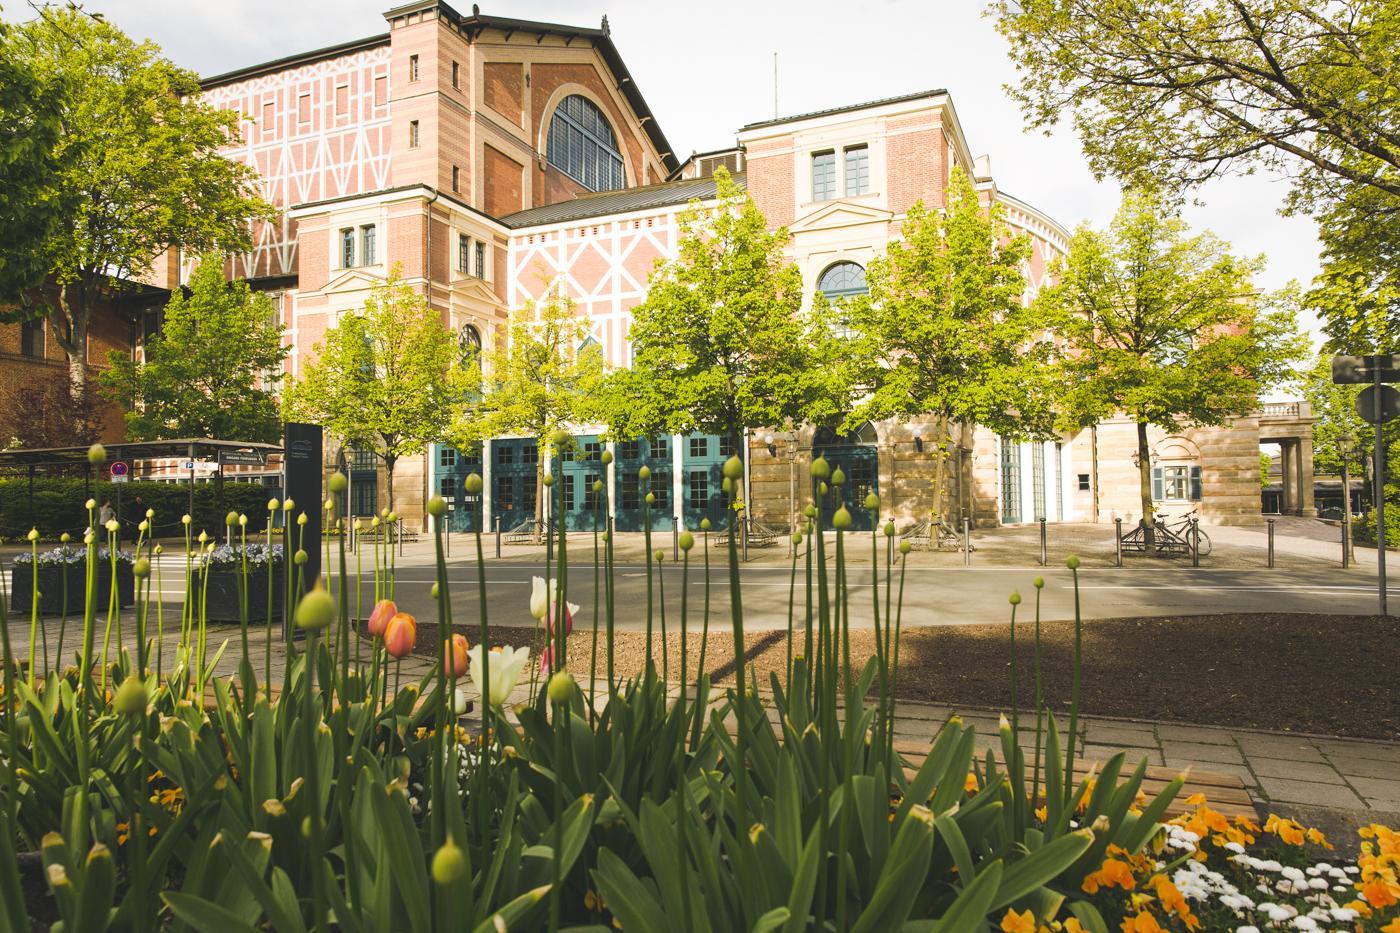 Festspielhaus Grüner Hügel Bayreuth